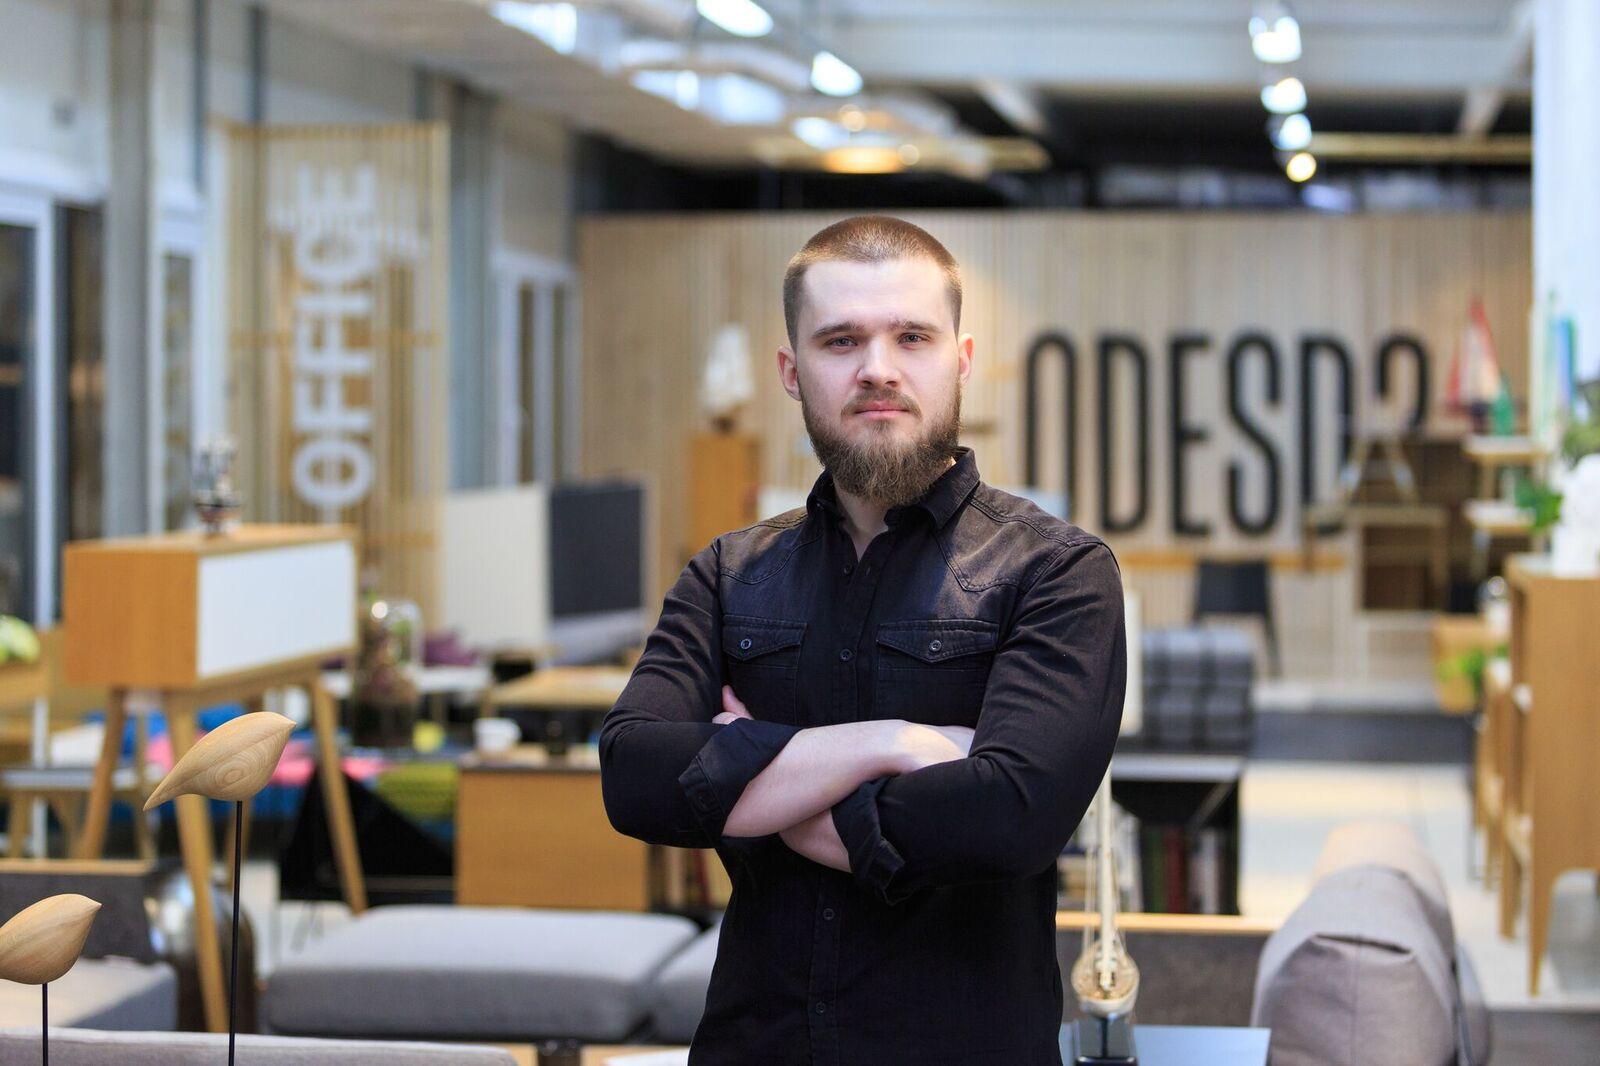 Открытость покупателей, беспошлинный ввоз и трудности с логистикой. Как украинское дизайн-бюро ODESD2 продает мебель в странах ЕС